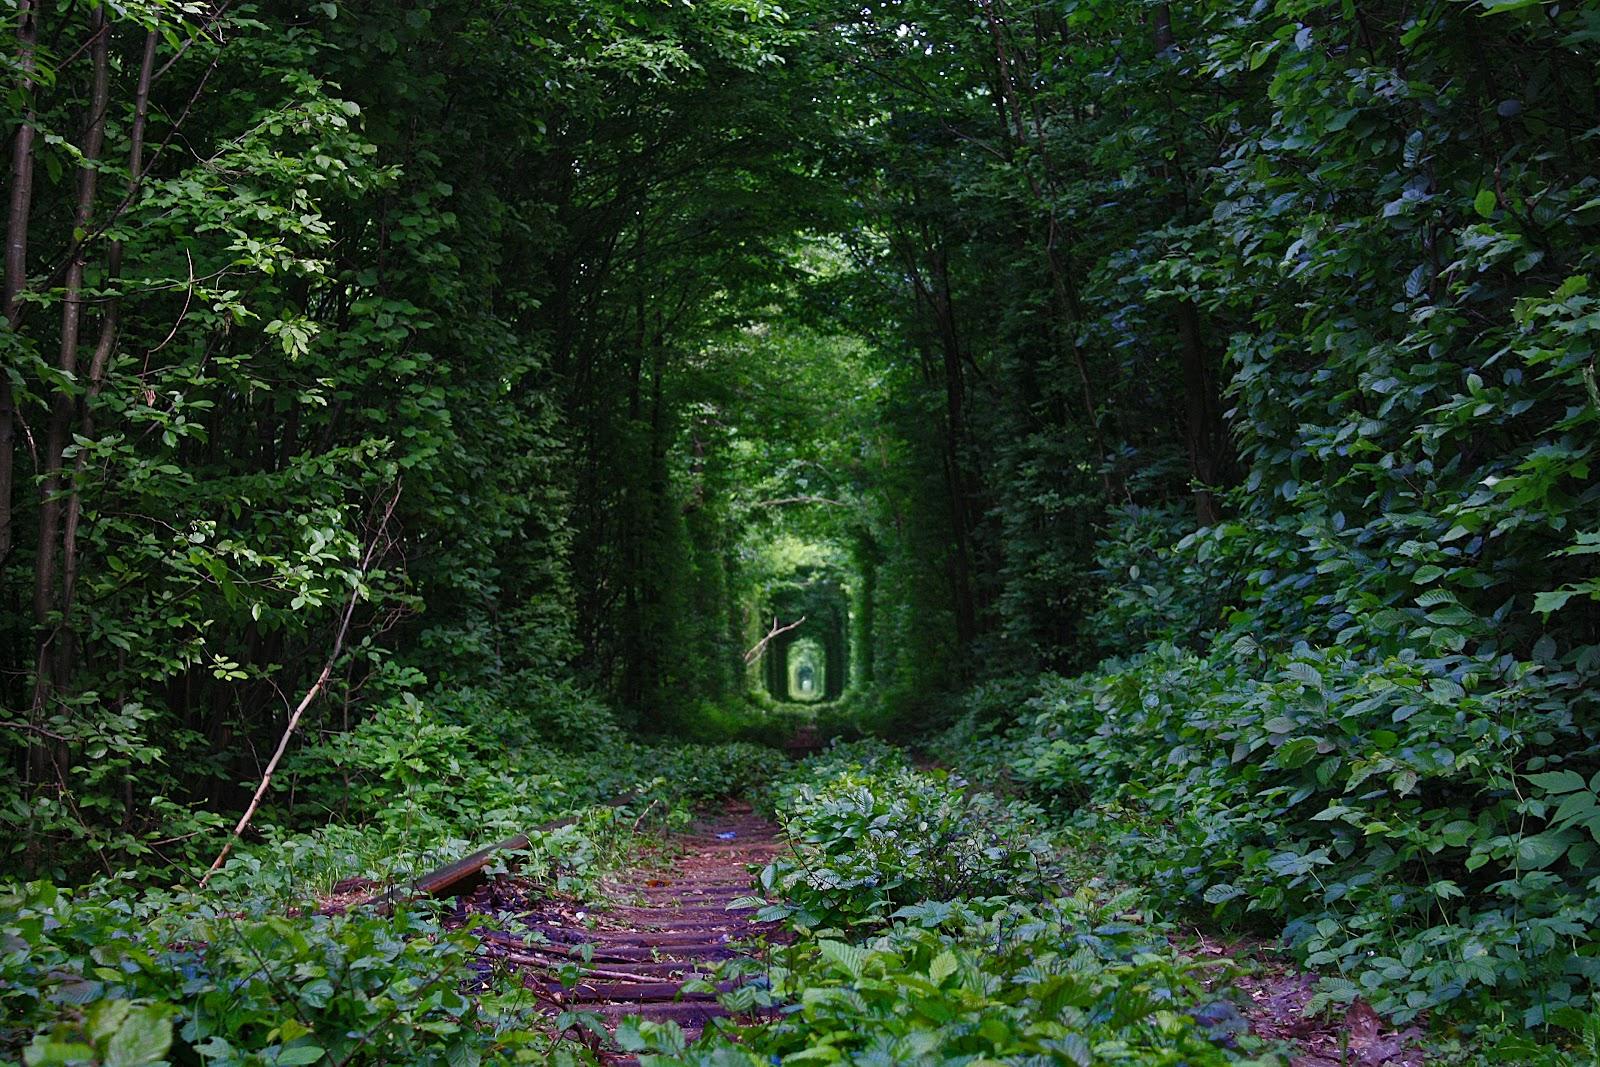 Fairy-Tale-Tunnel-of-Love-Found-in-Klevan-Ukraine-7